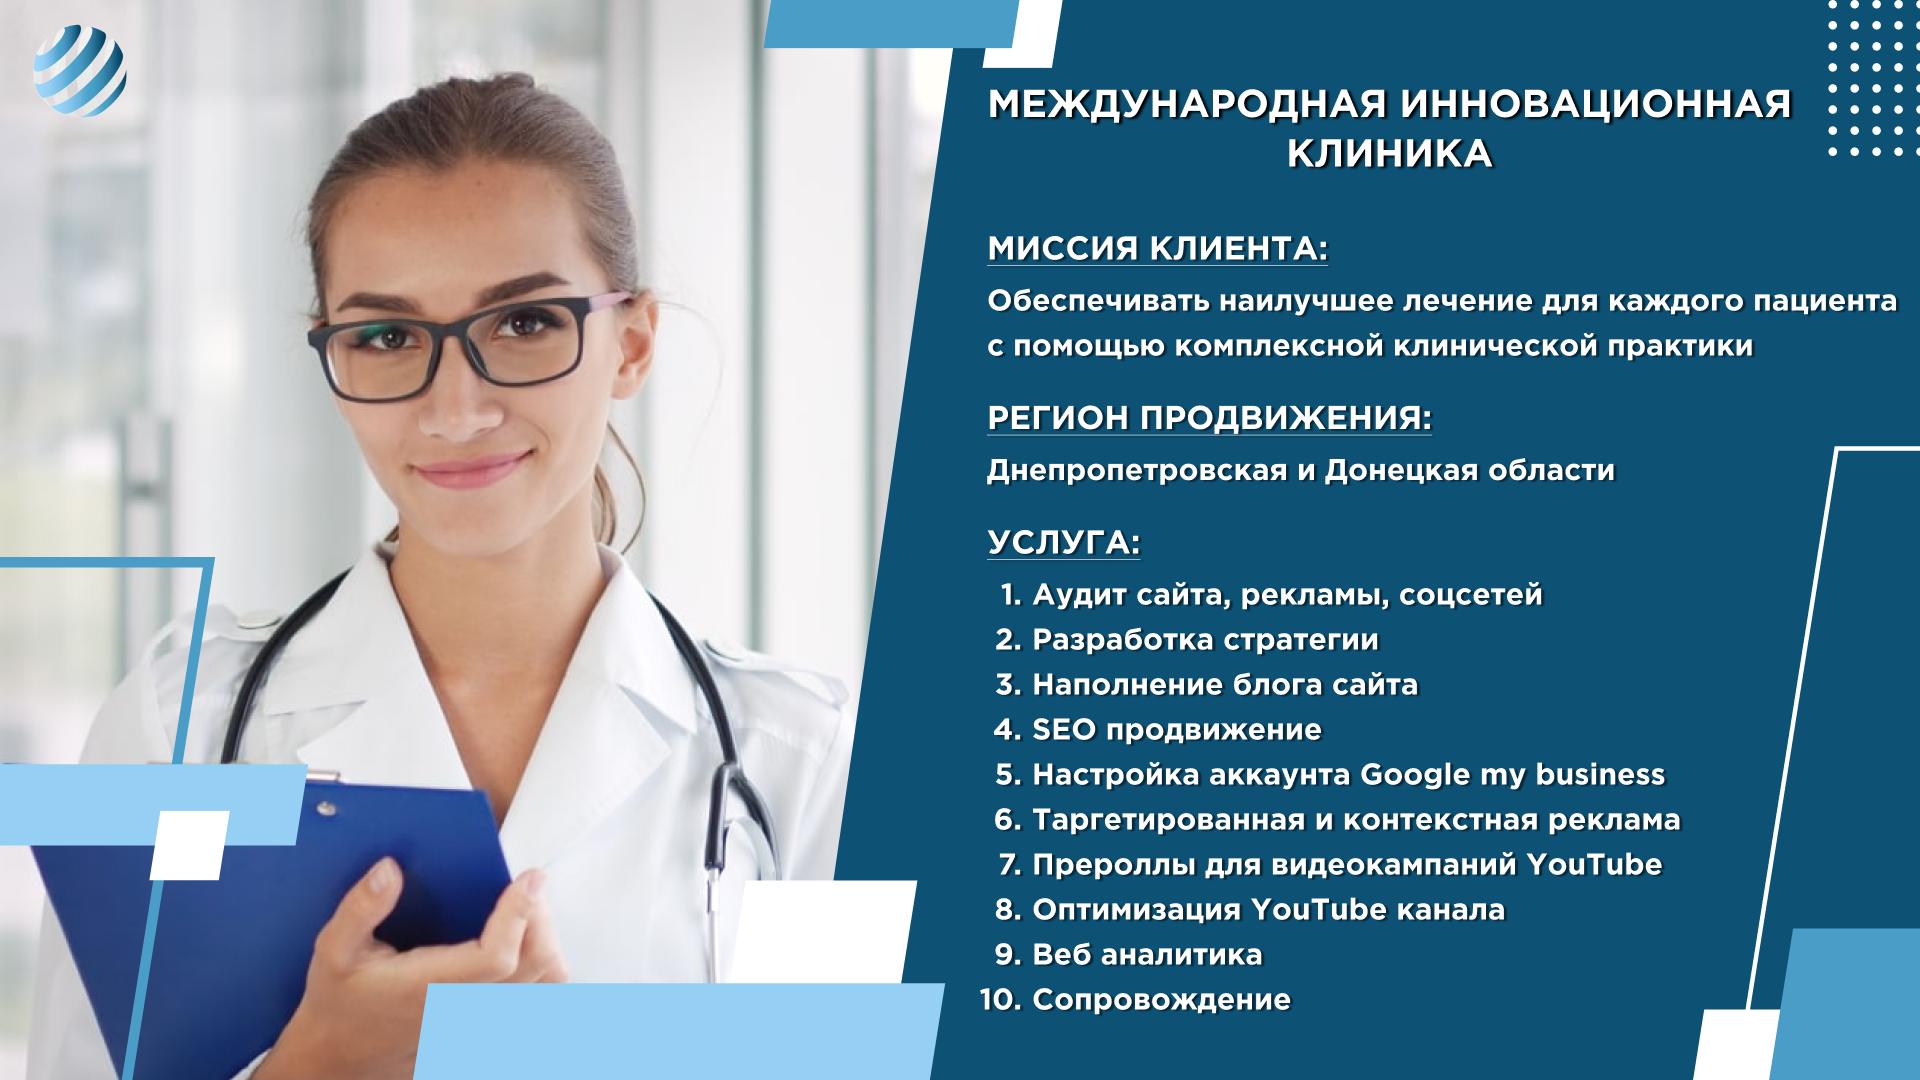 Данные о Международной Инновационной Клинике